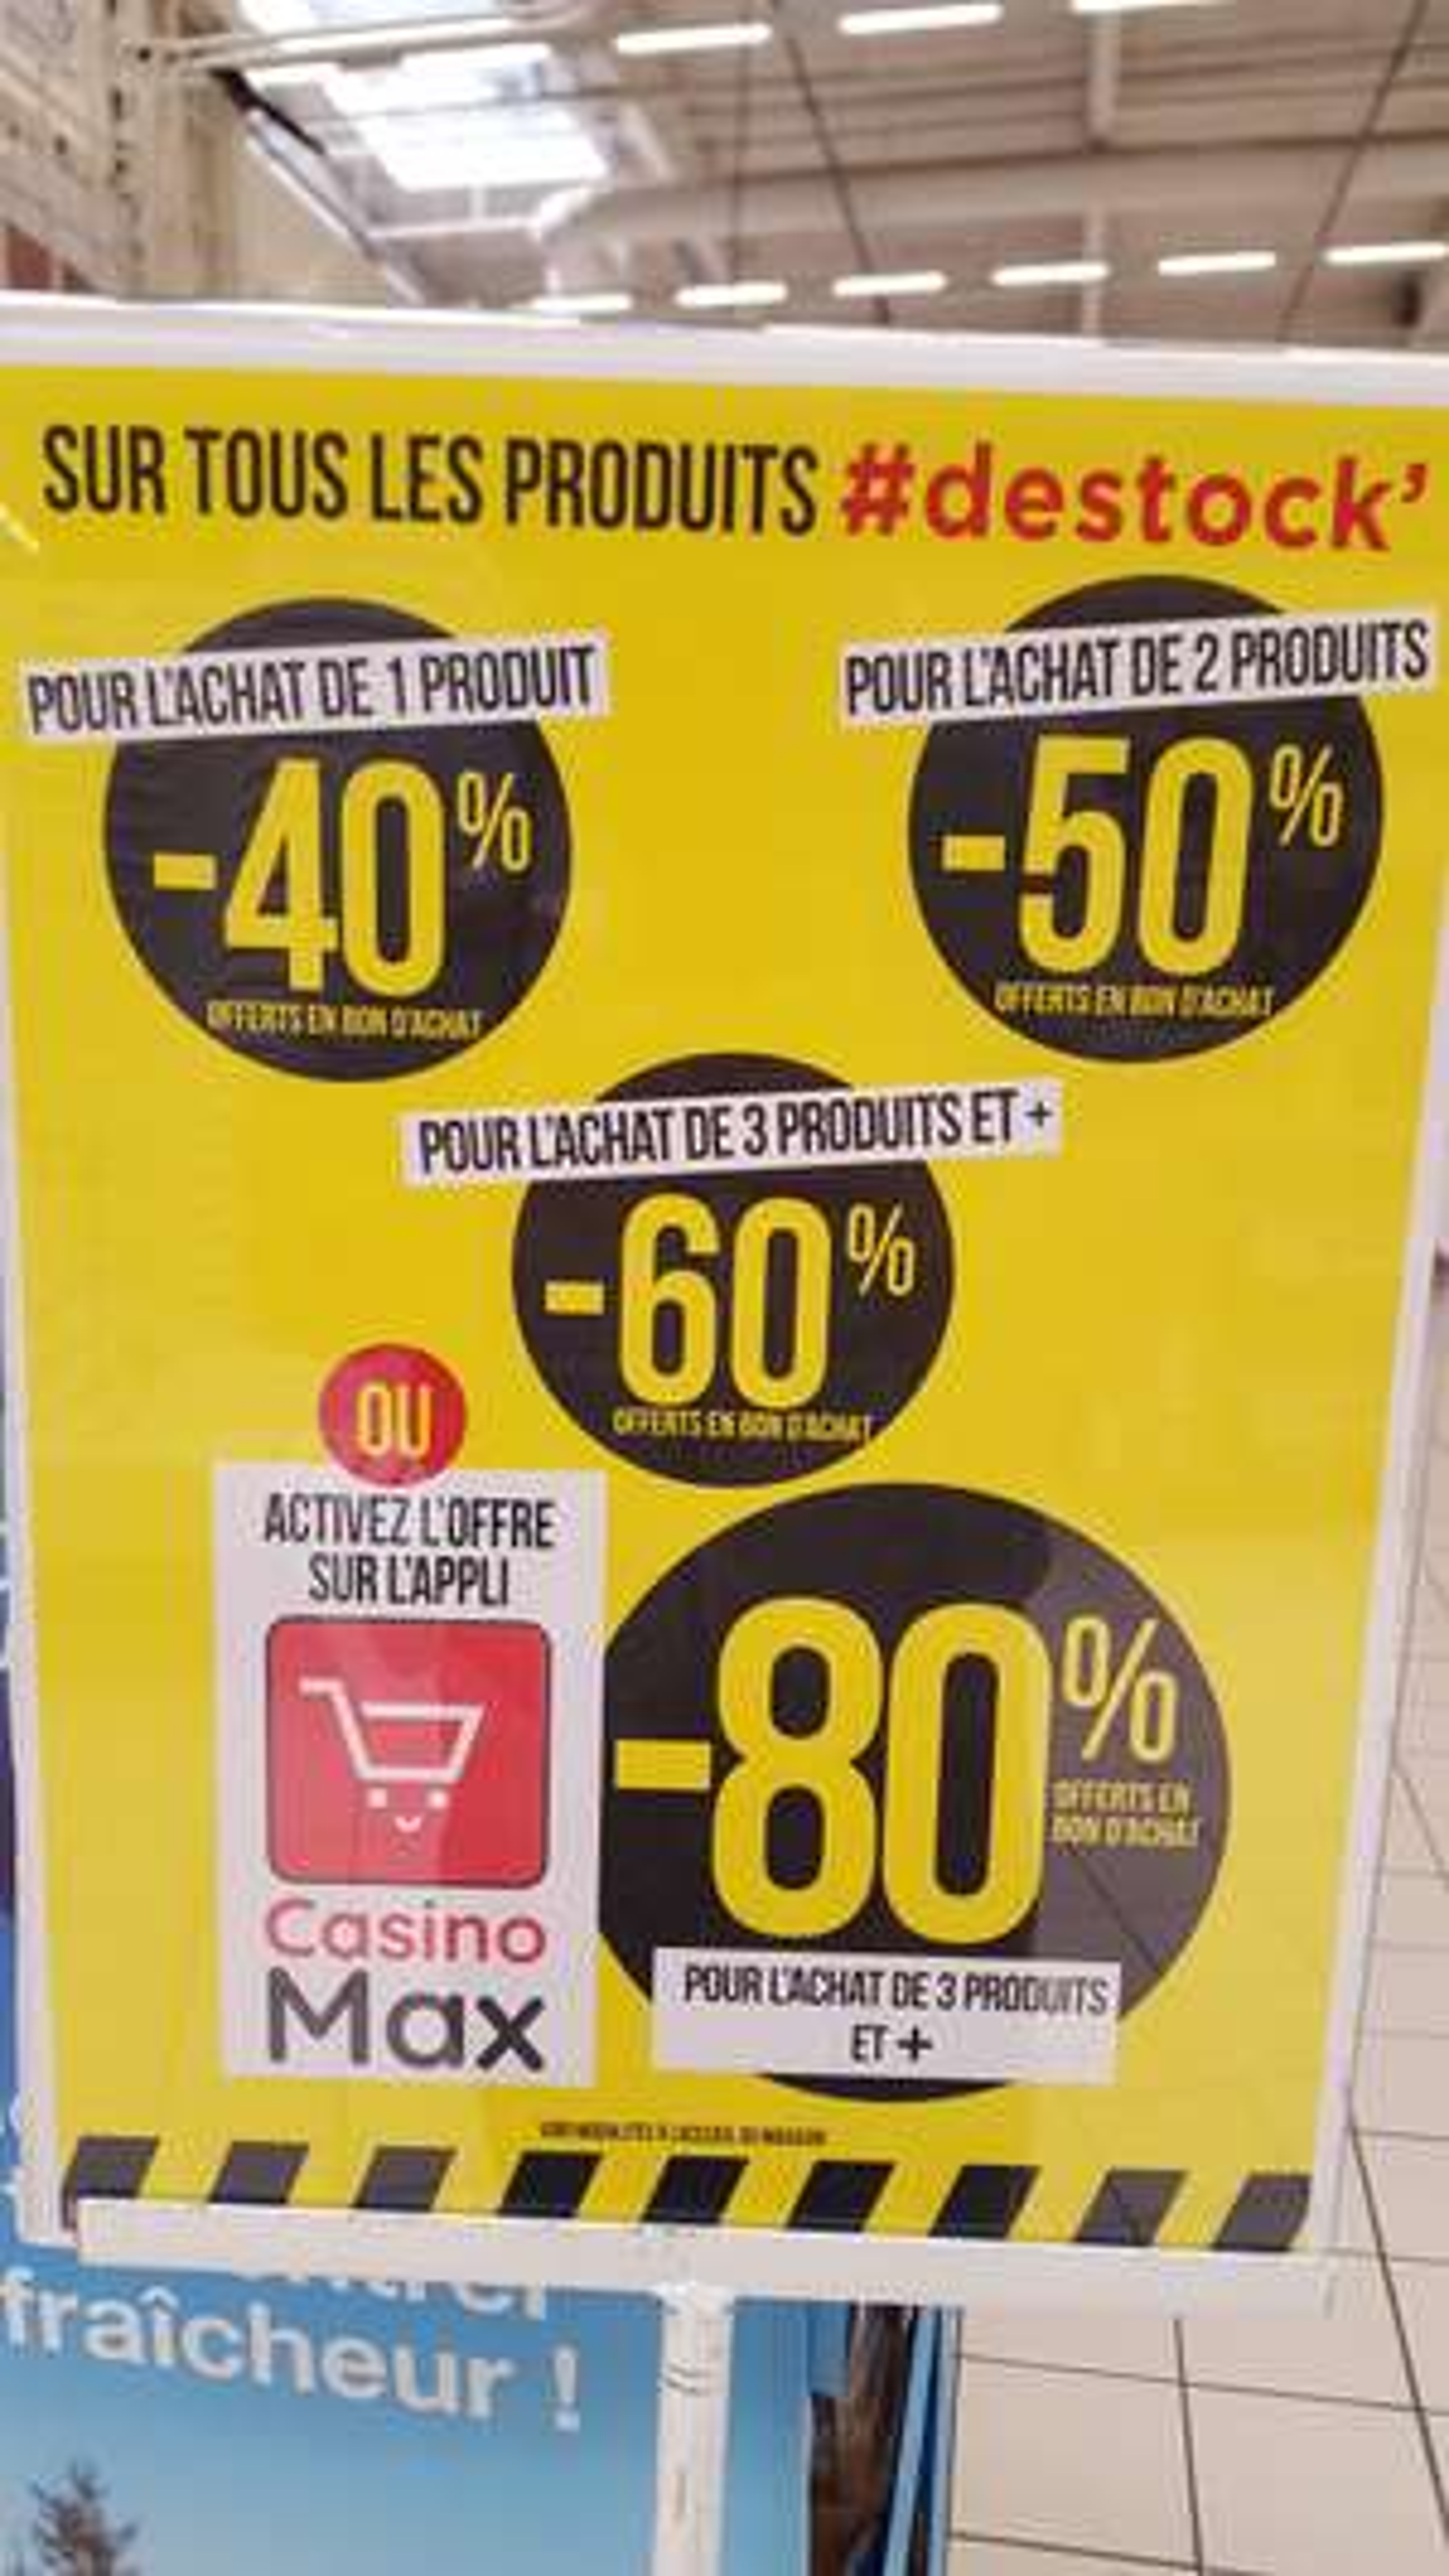 Jusqu'à -80% offerts en bons d'achats pour l'achat 3 produits ''Destok'' et +(Via l'application CasinoMax) - Saint-Gregoire (35)